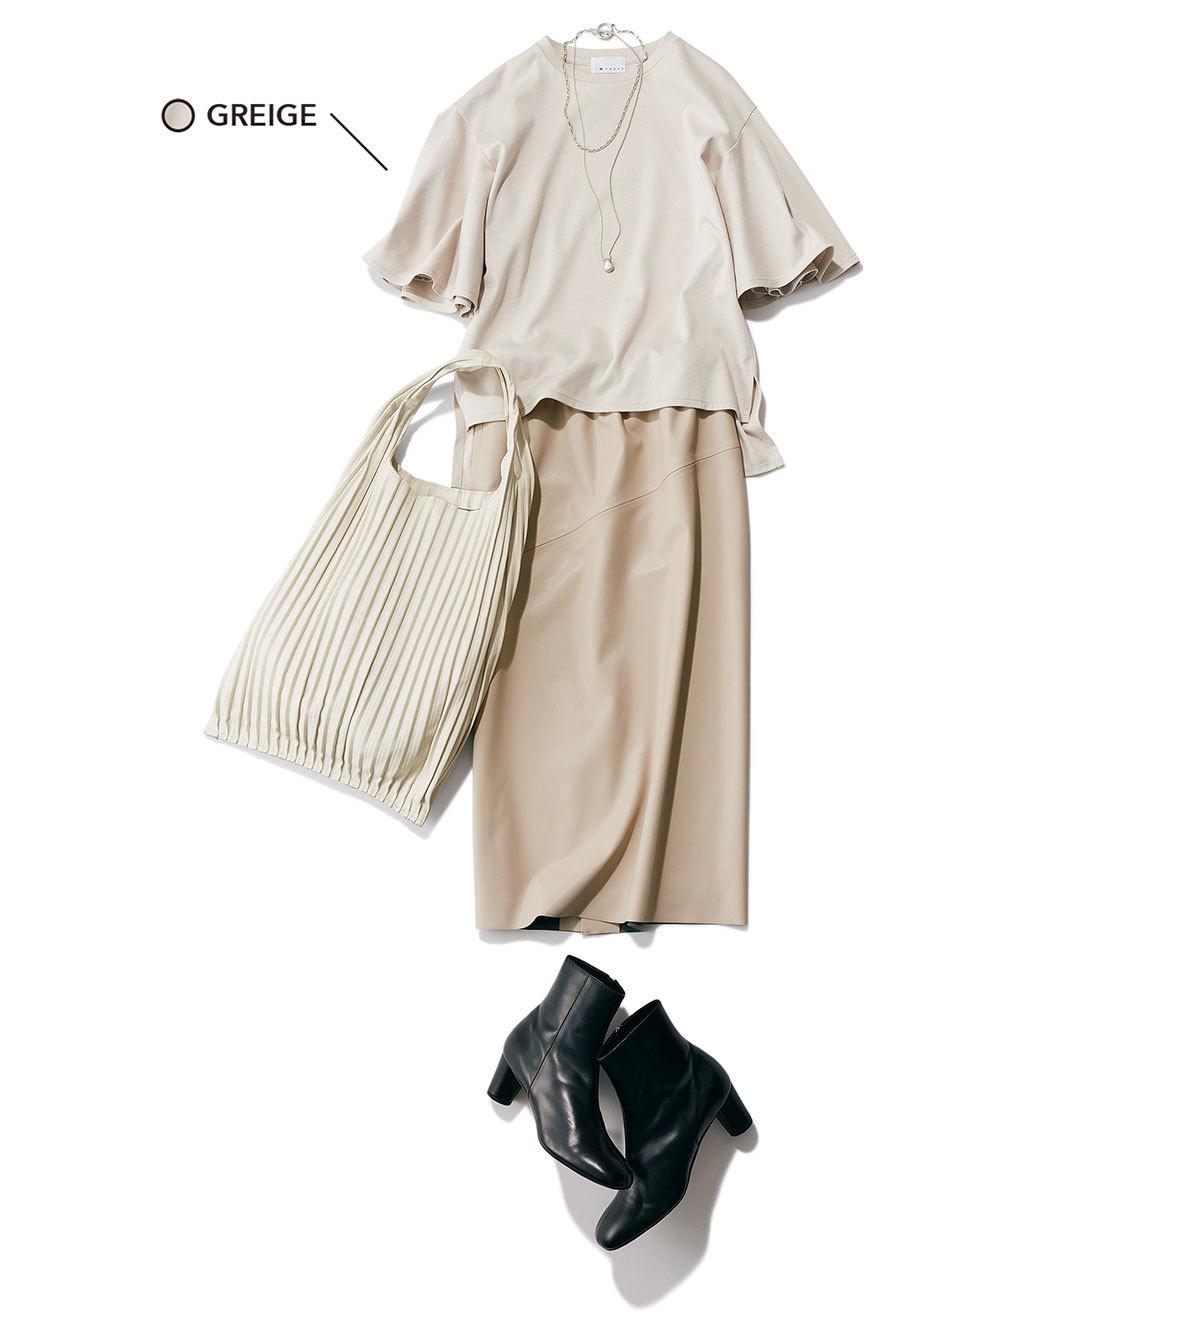 エムセブンデイズ  袖フレアトップス カラー:グレージュ サイズ:1,2 ¥10,890